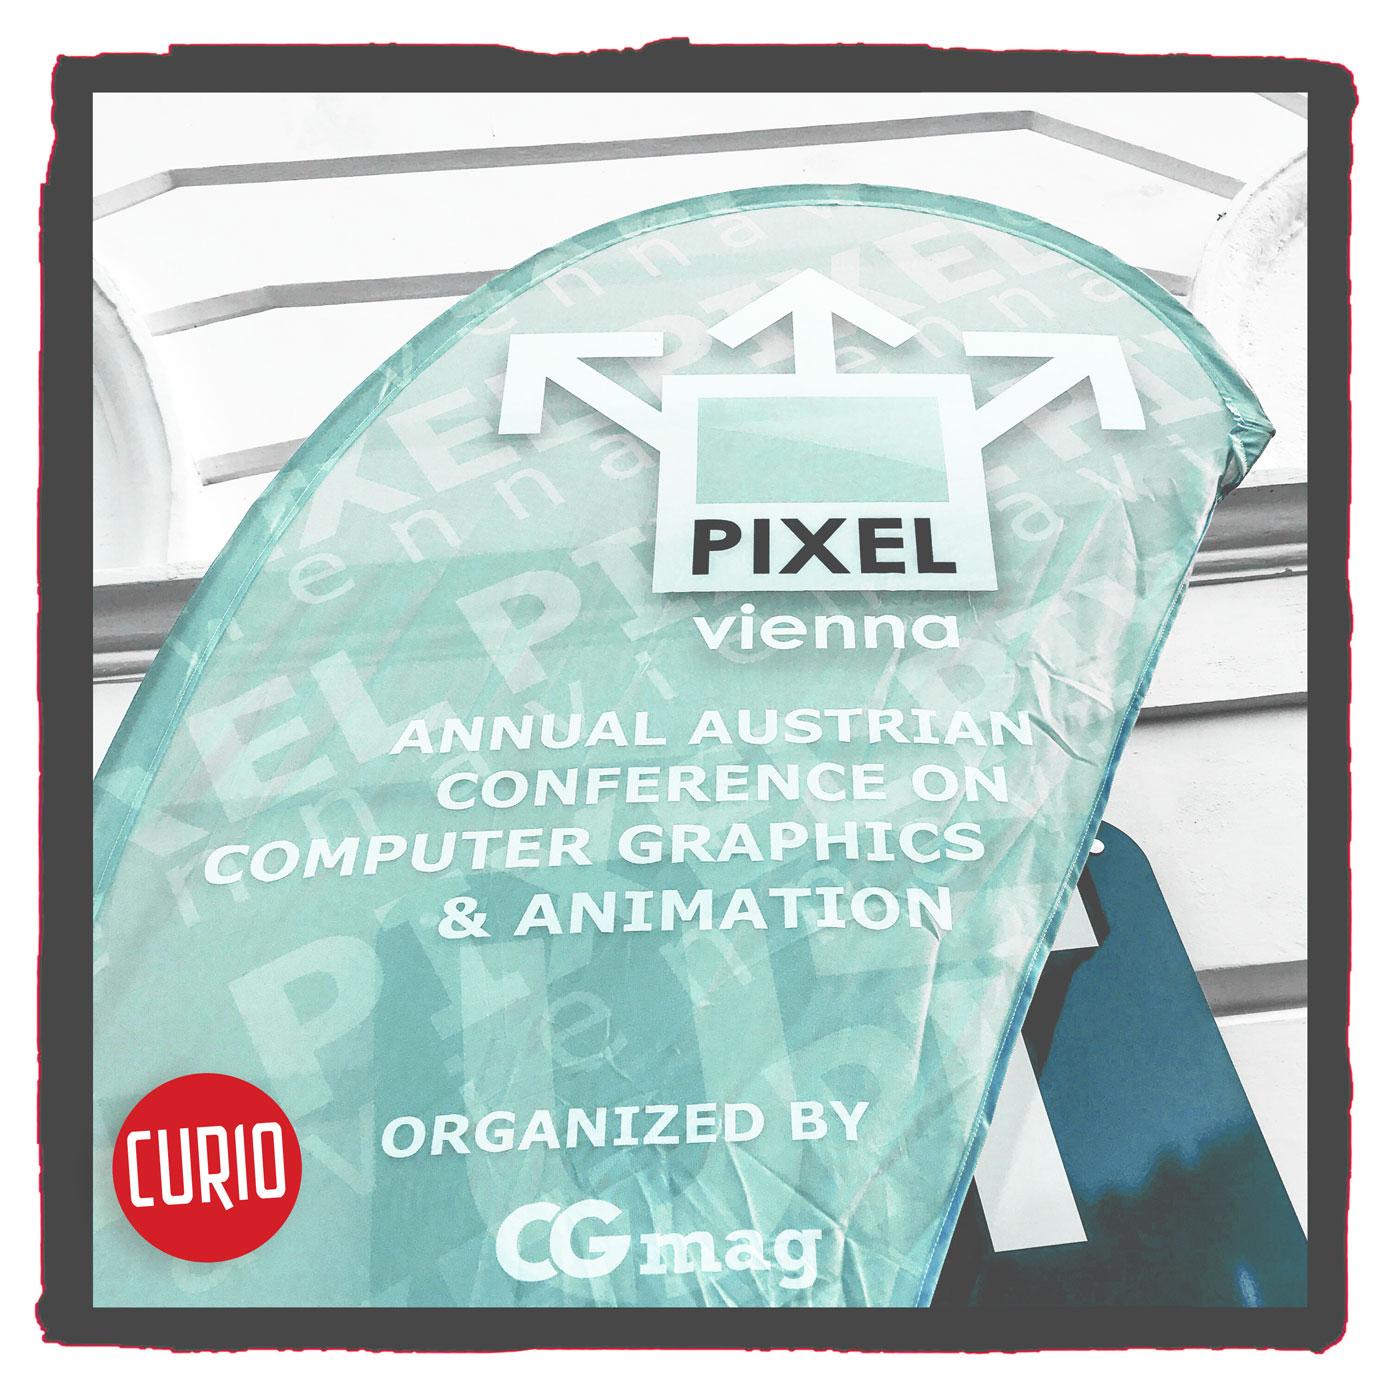 Pixel Vienna 2017 banner - workshop by Curio & Co.